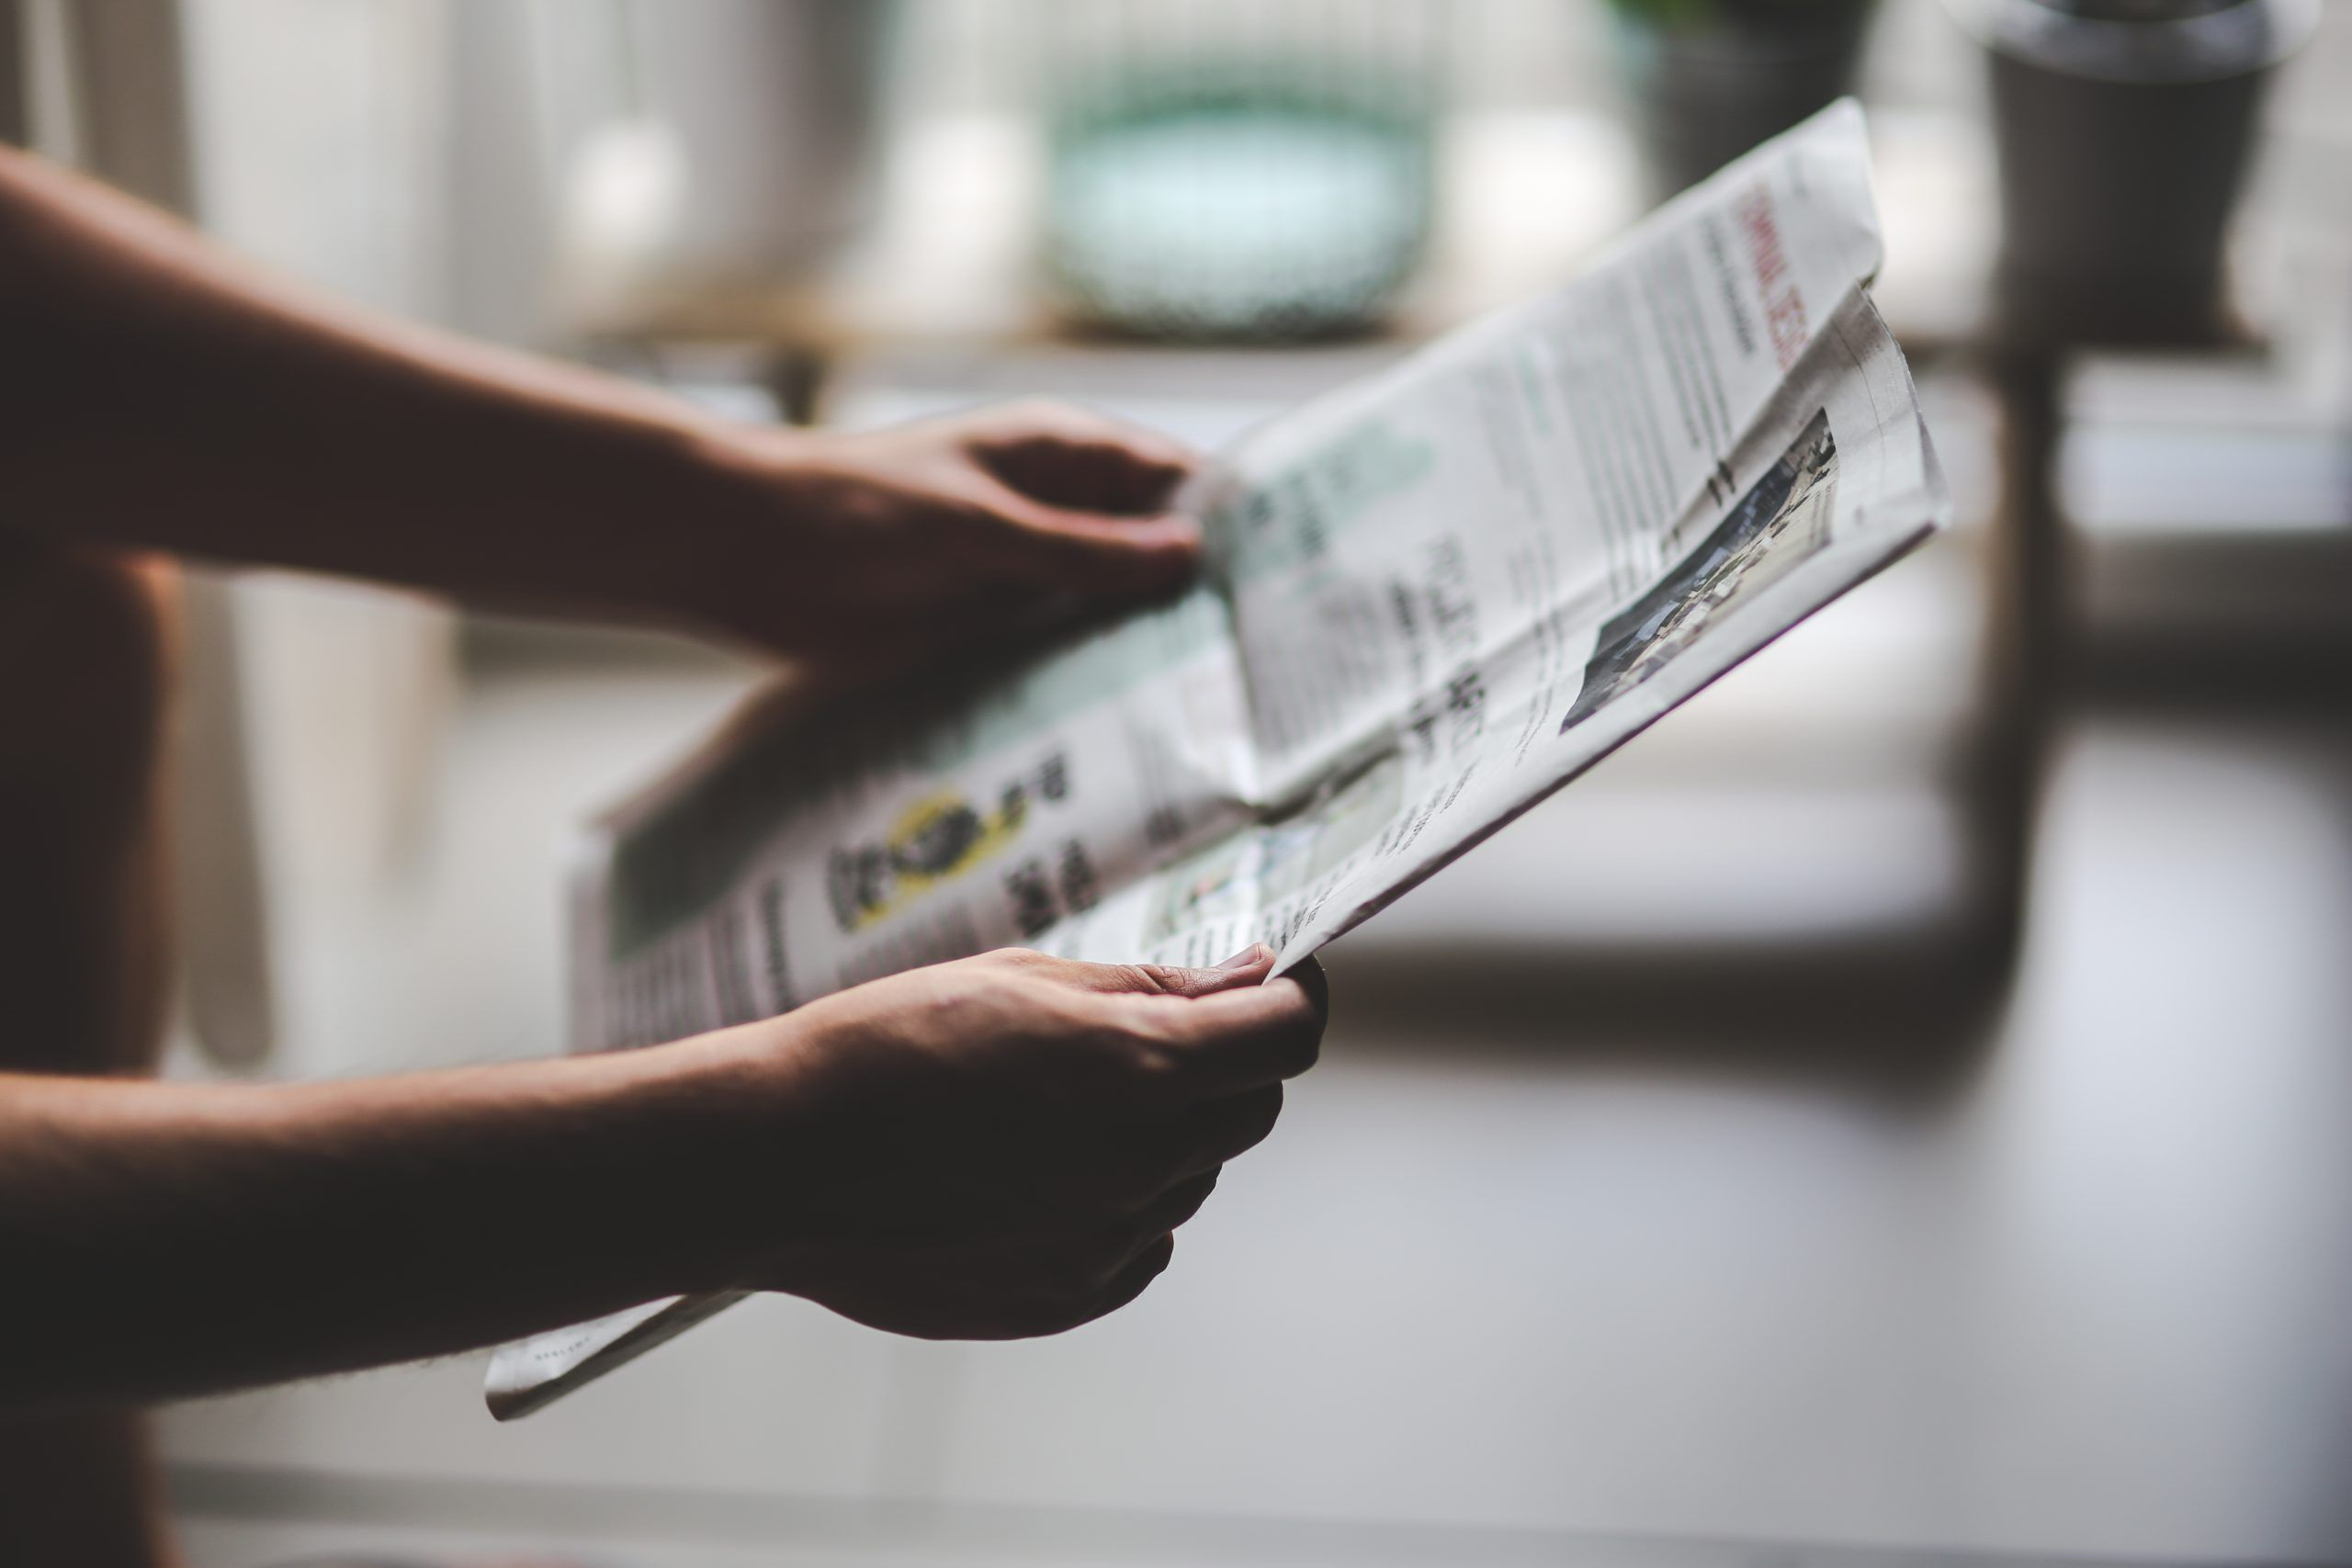 Titoli di giornale divertenti, comici e assurdi per notizie vere